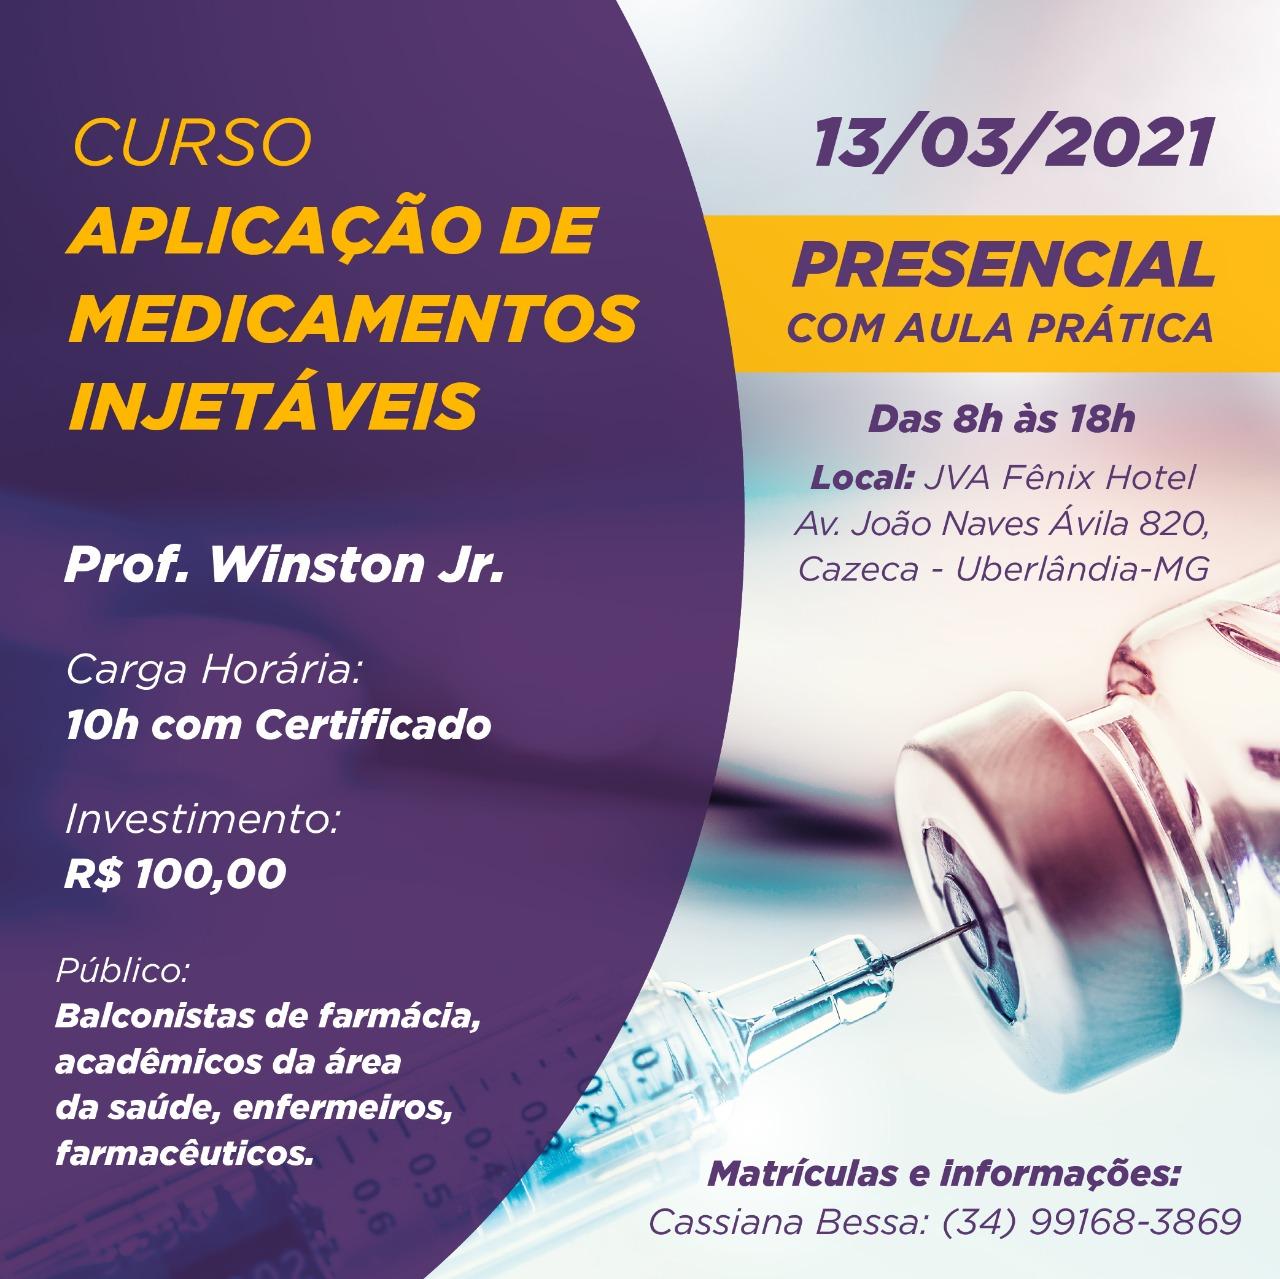 imagem projeto CURSO APLICAçãO DE MEDICAMENTOS INJETáVEIS